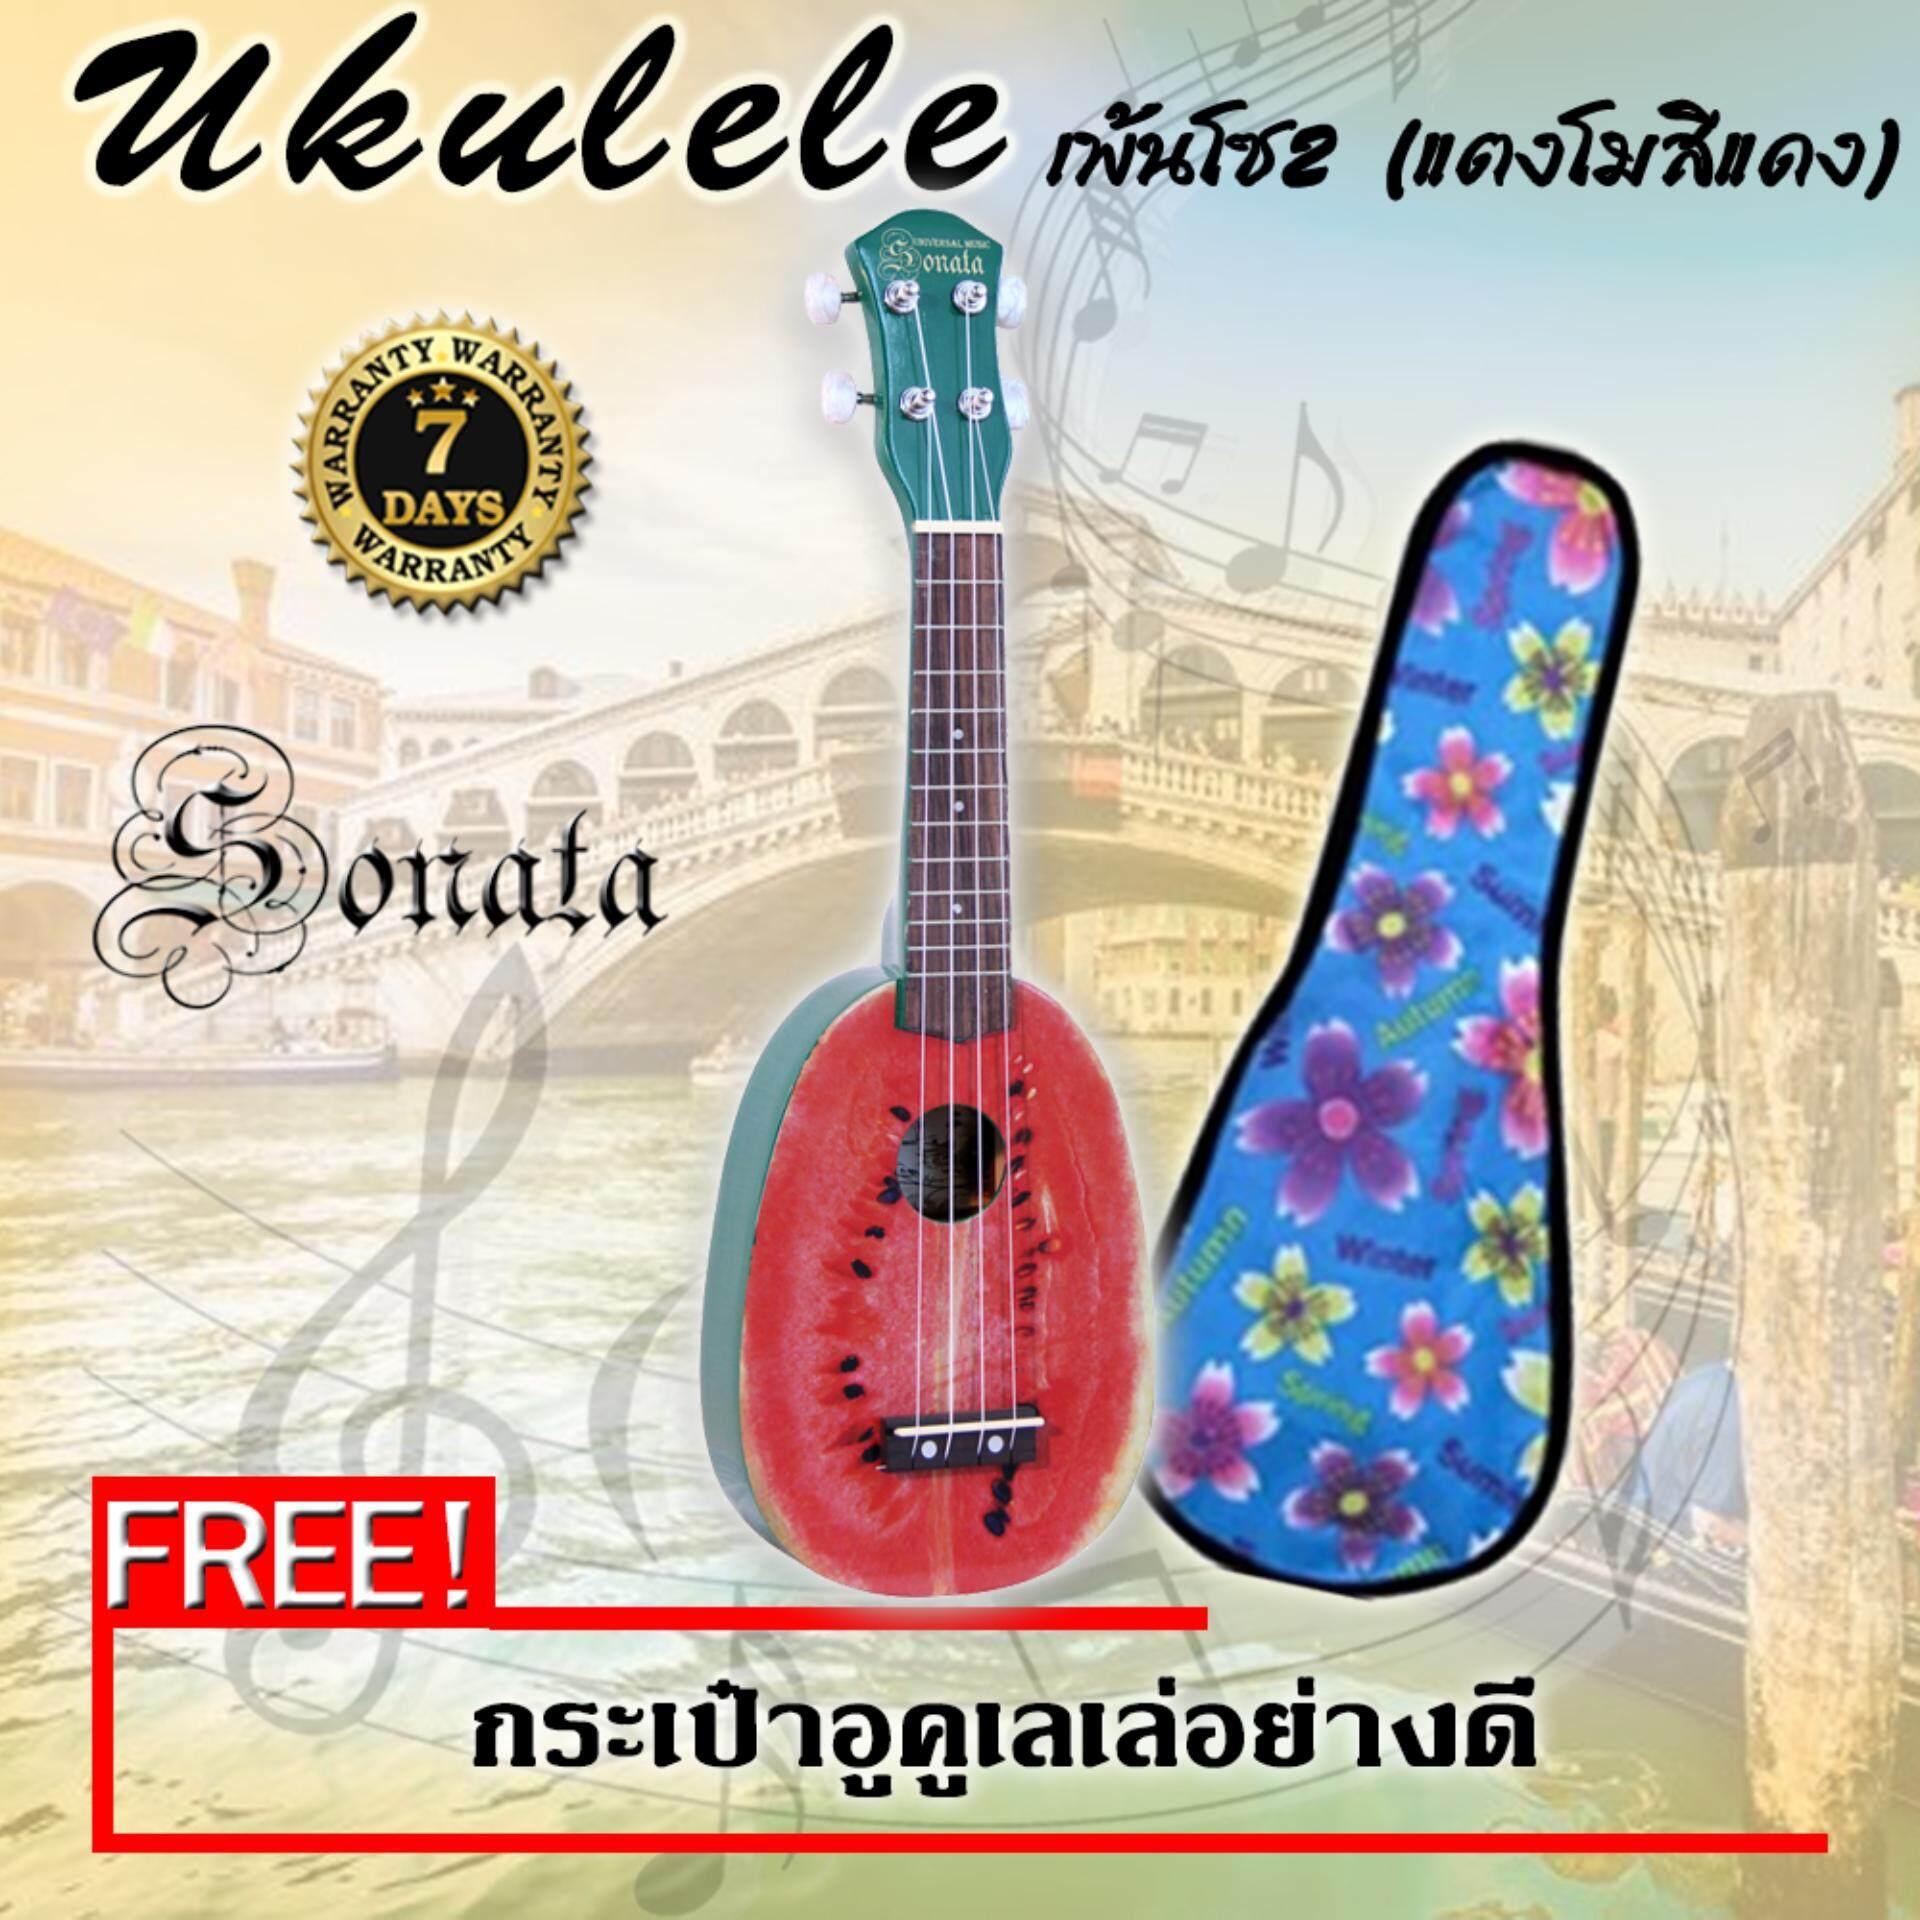 Sonata Ukulele อูคูเลเล่ แตงโม สีแดง ขนาด 21 นิ้ว แถมฟรี กระเป๋าอูคูเลเล่อย่างดี ใหม่ล่าสุด